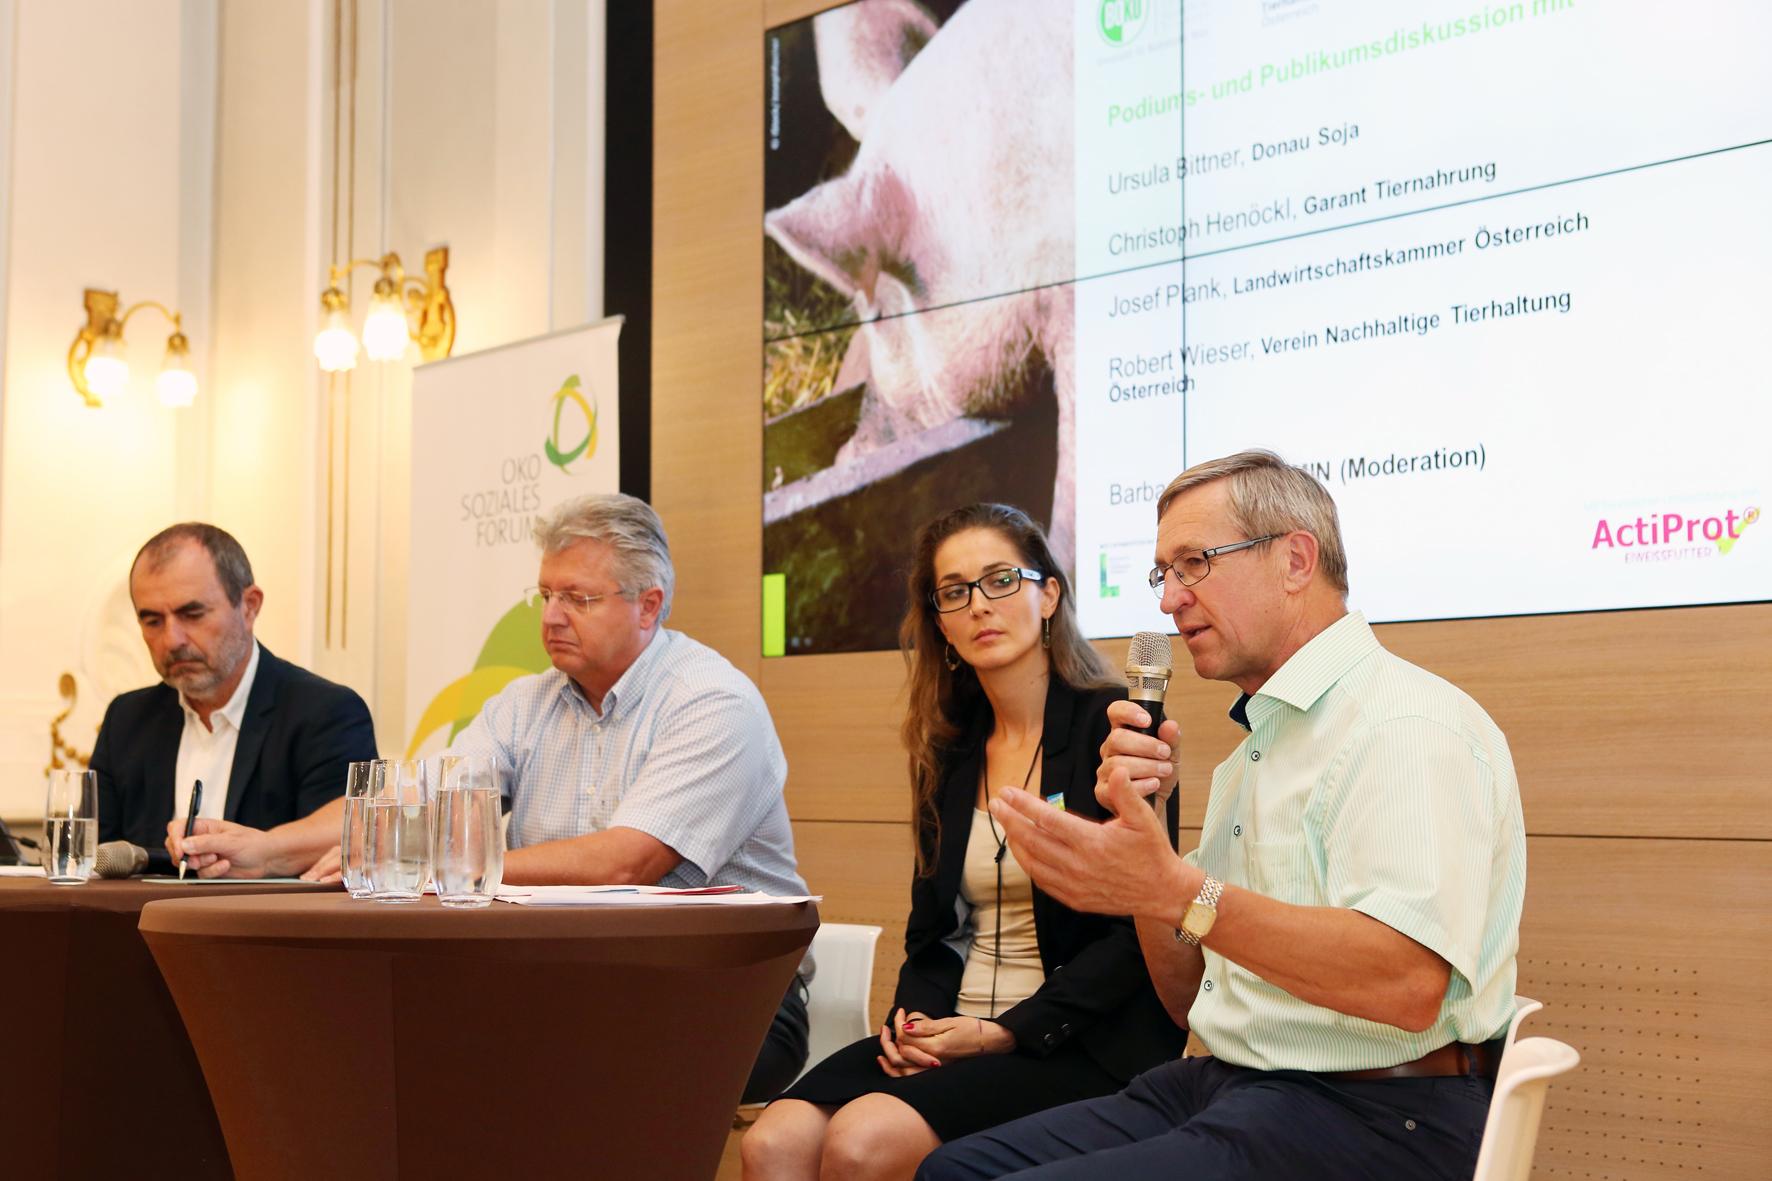 Podiumsdiskussion mit (v.l.n.r.) Josef Plank, Christoph Henöckl, Ursula Bittner und Robert Wieser